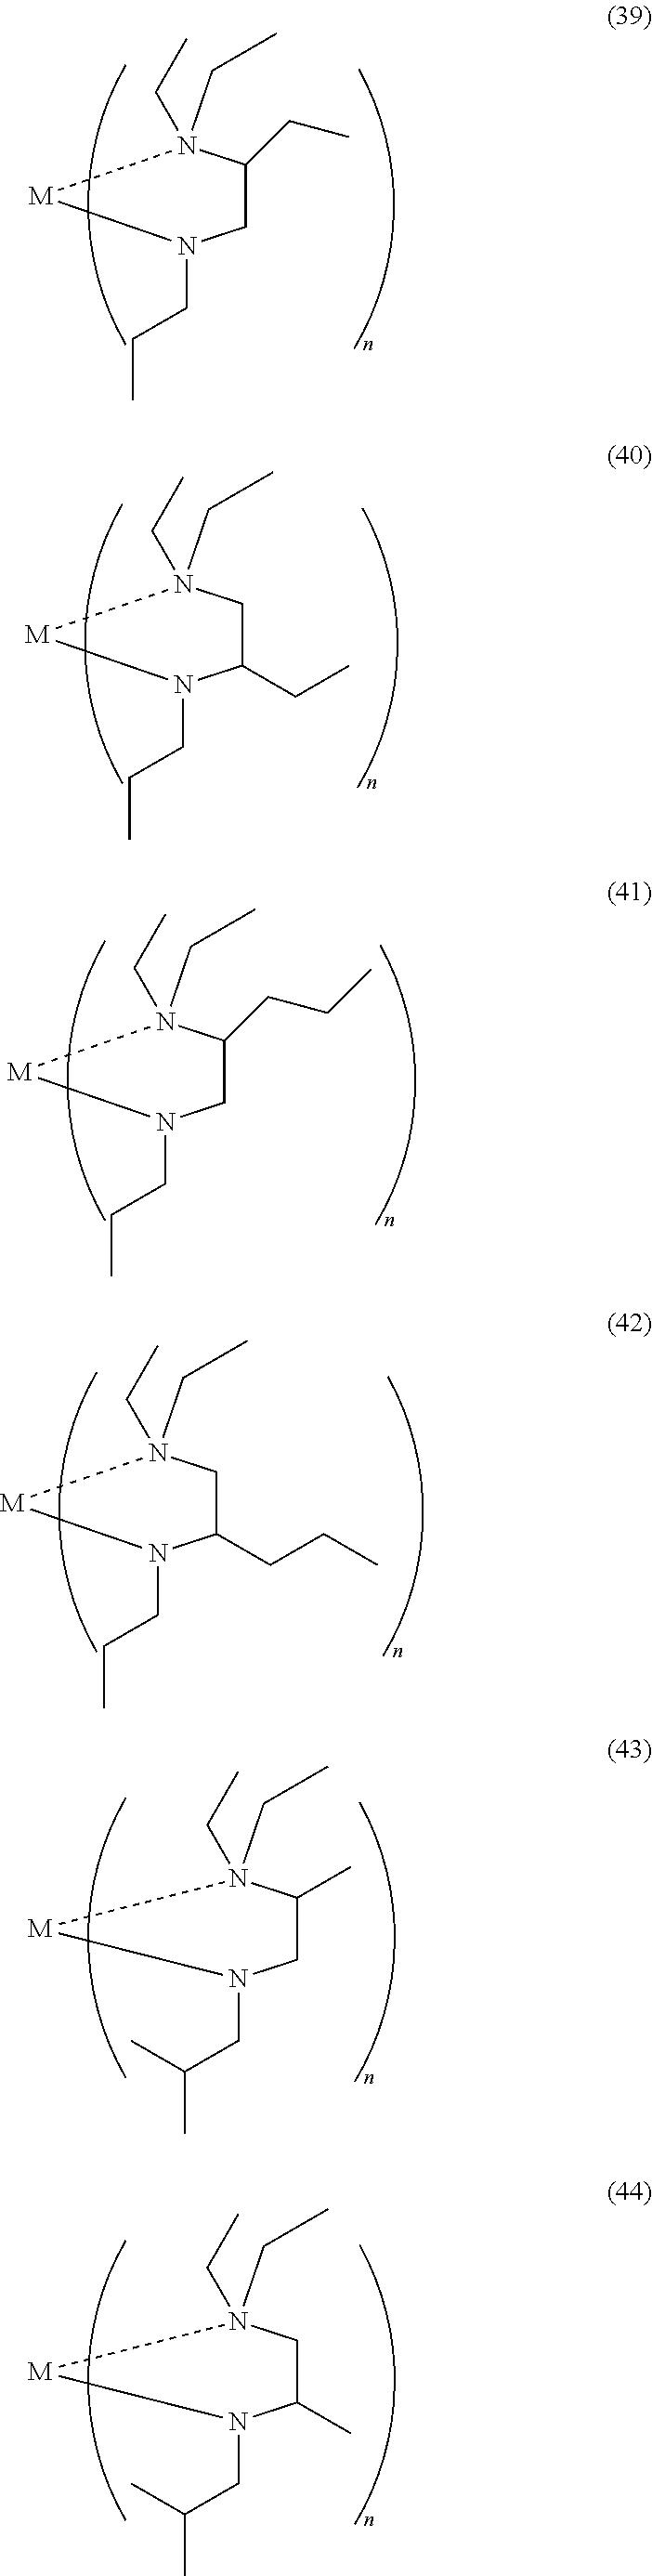 Figure US08871304-20141028-C00019